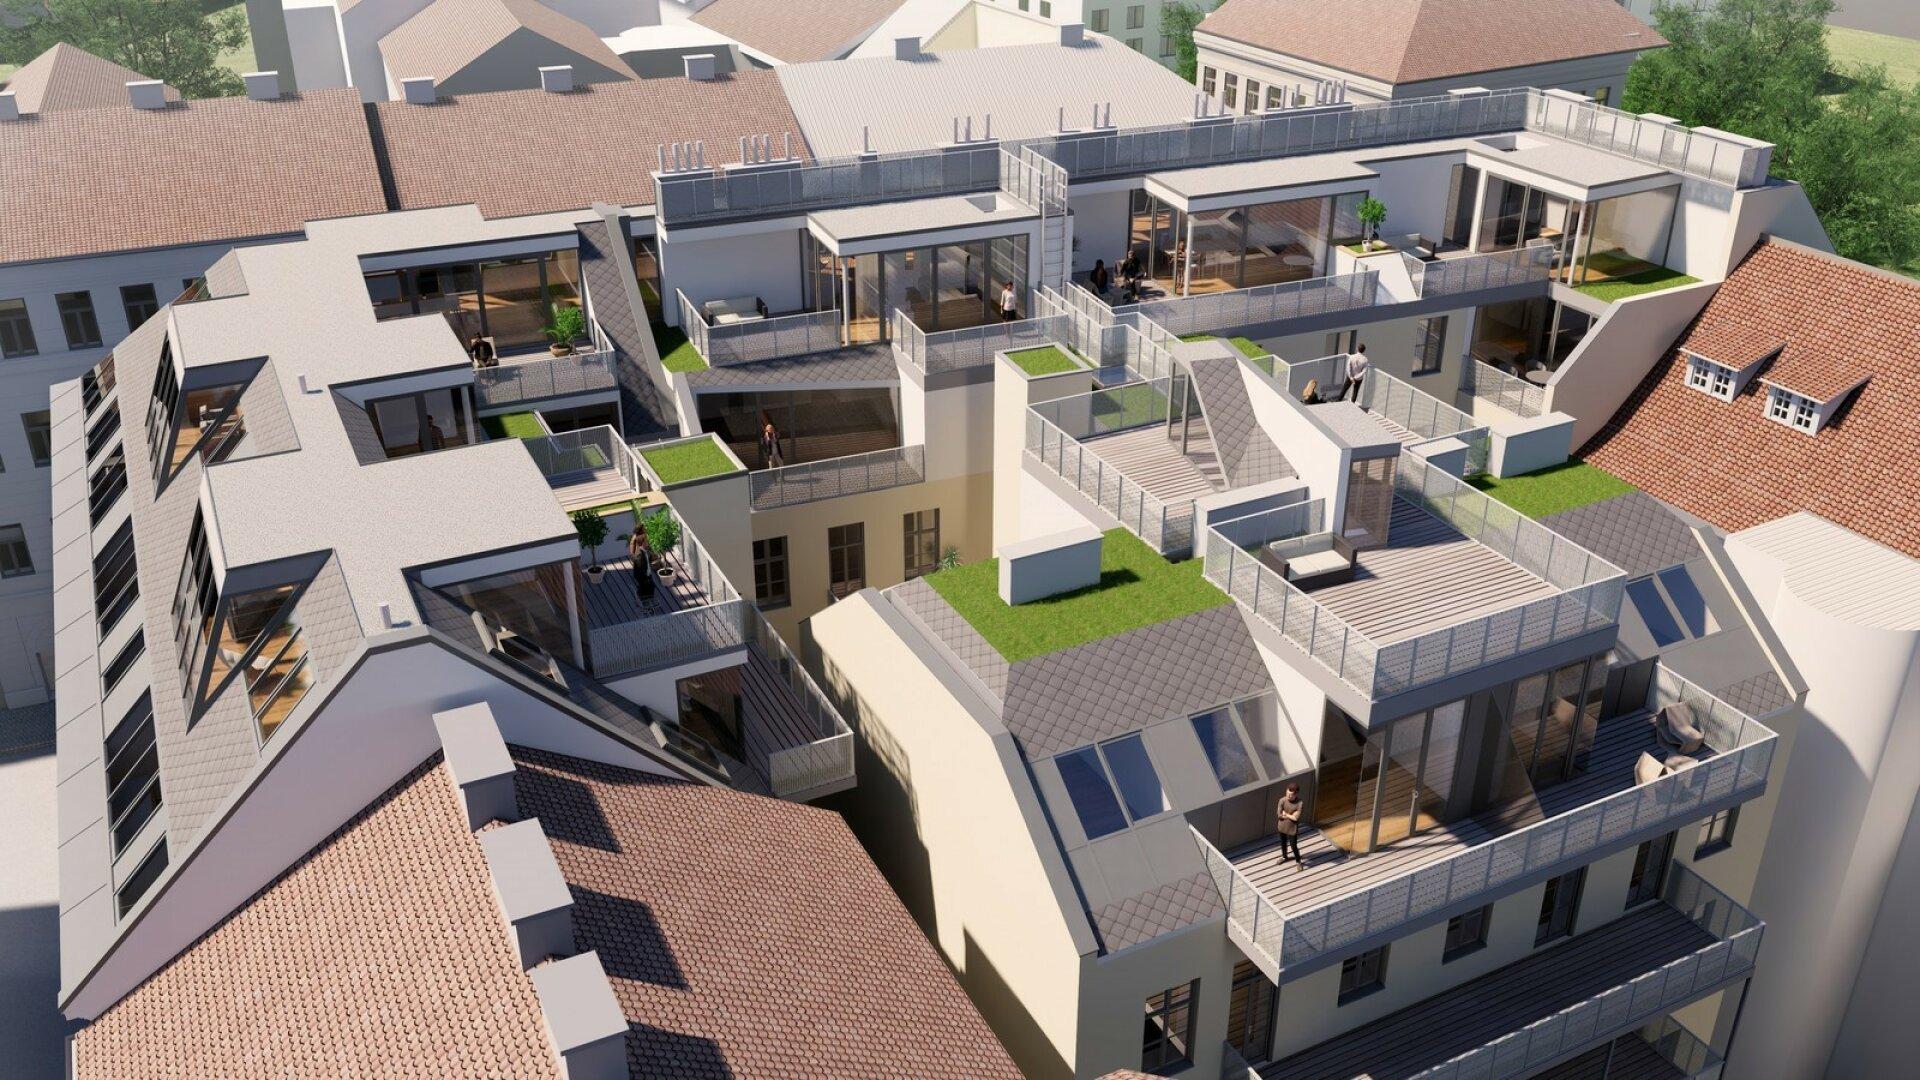 Qualität ist kein Zufall - exklusive Dachgeschosswohnungen in wunderschön saniertem Gründerzeithaus (Projektansicht)